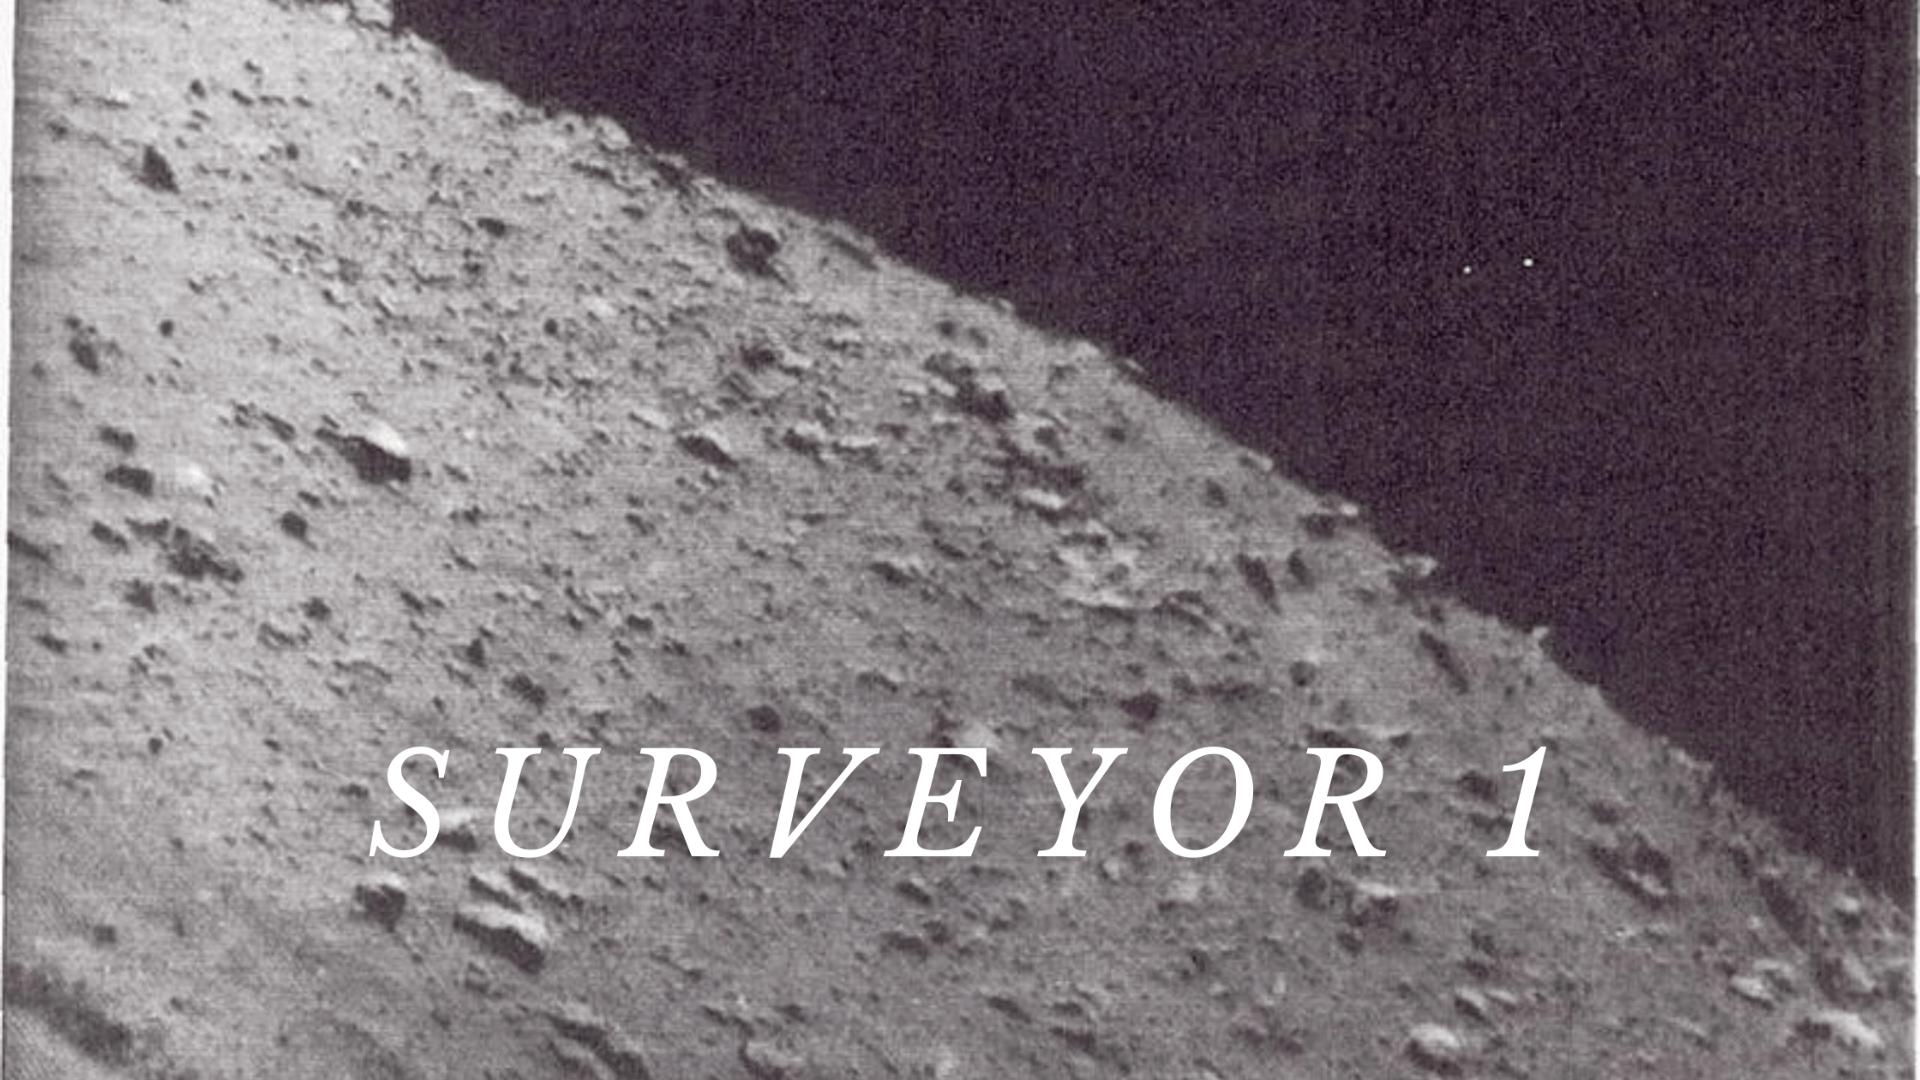 Surveyor 1 header